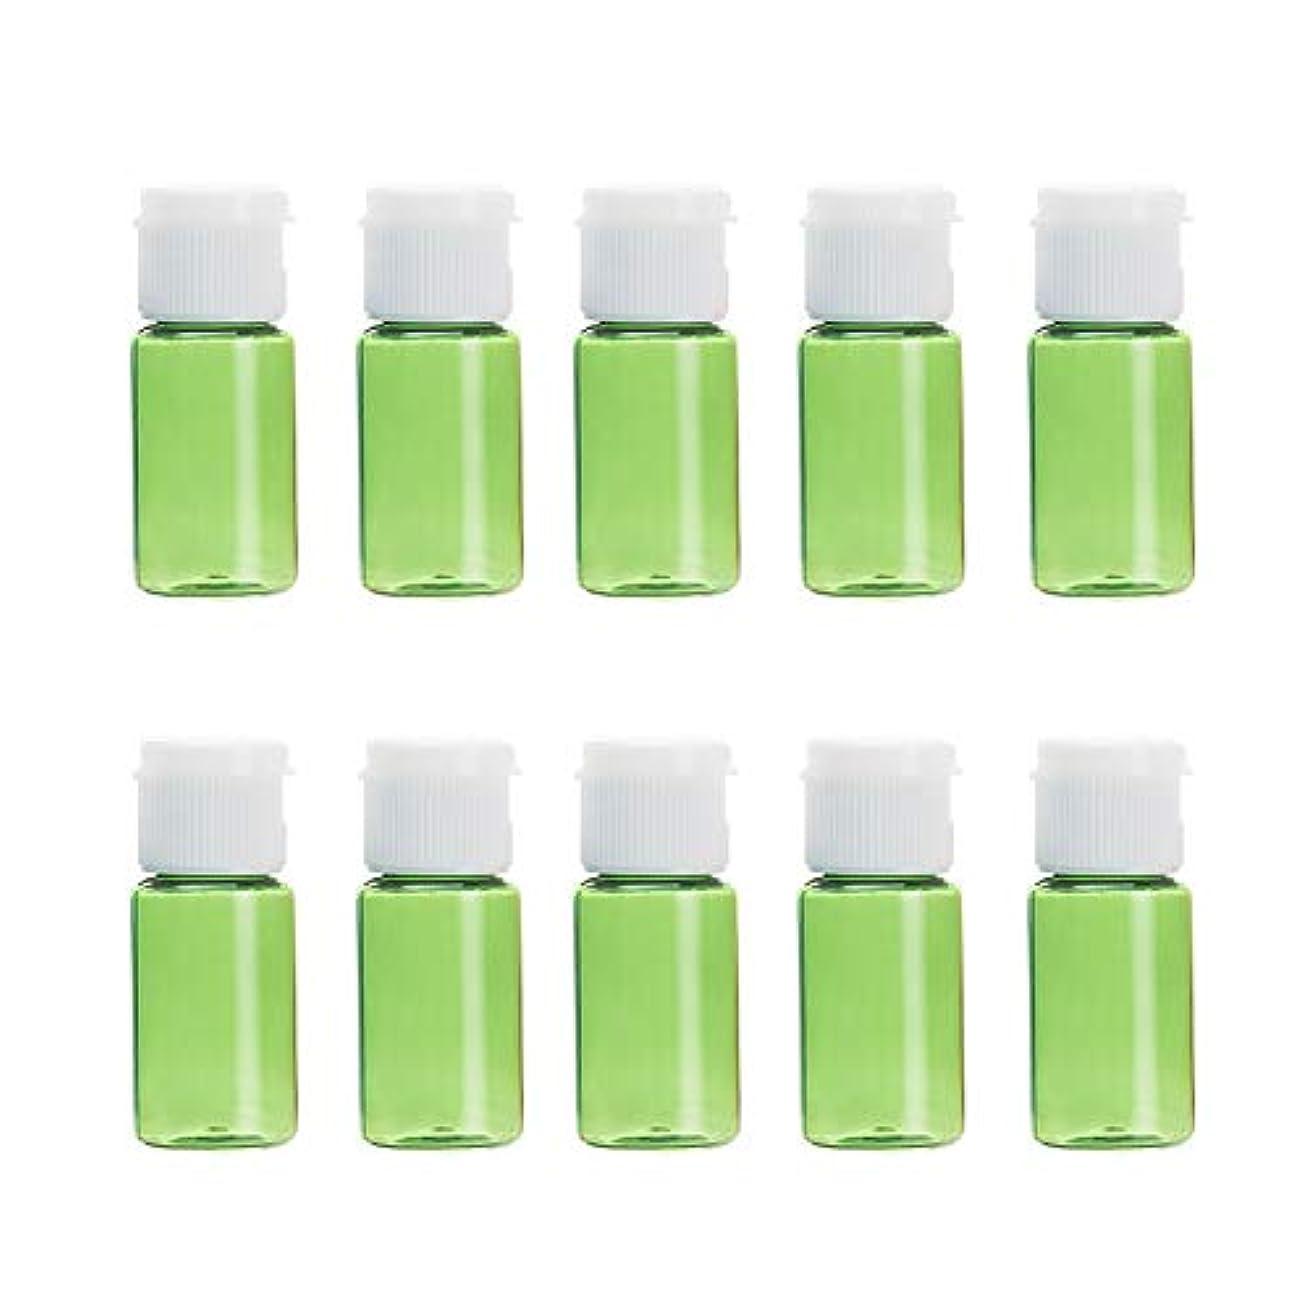 秘密のアナリスト急いでVi.yo 小分けボトル 香水ボトル 化粧水 詰替用ボトル 携帯用 旅行用品 10ml 10本セット グリーン